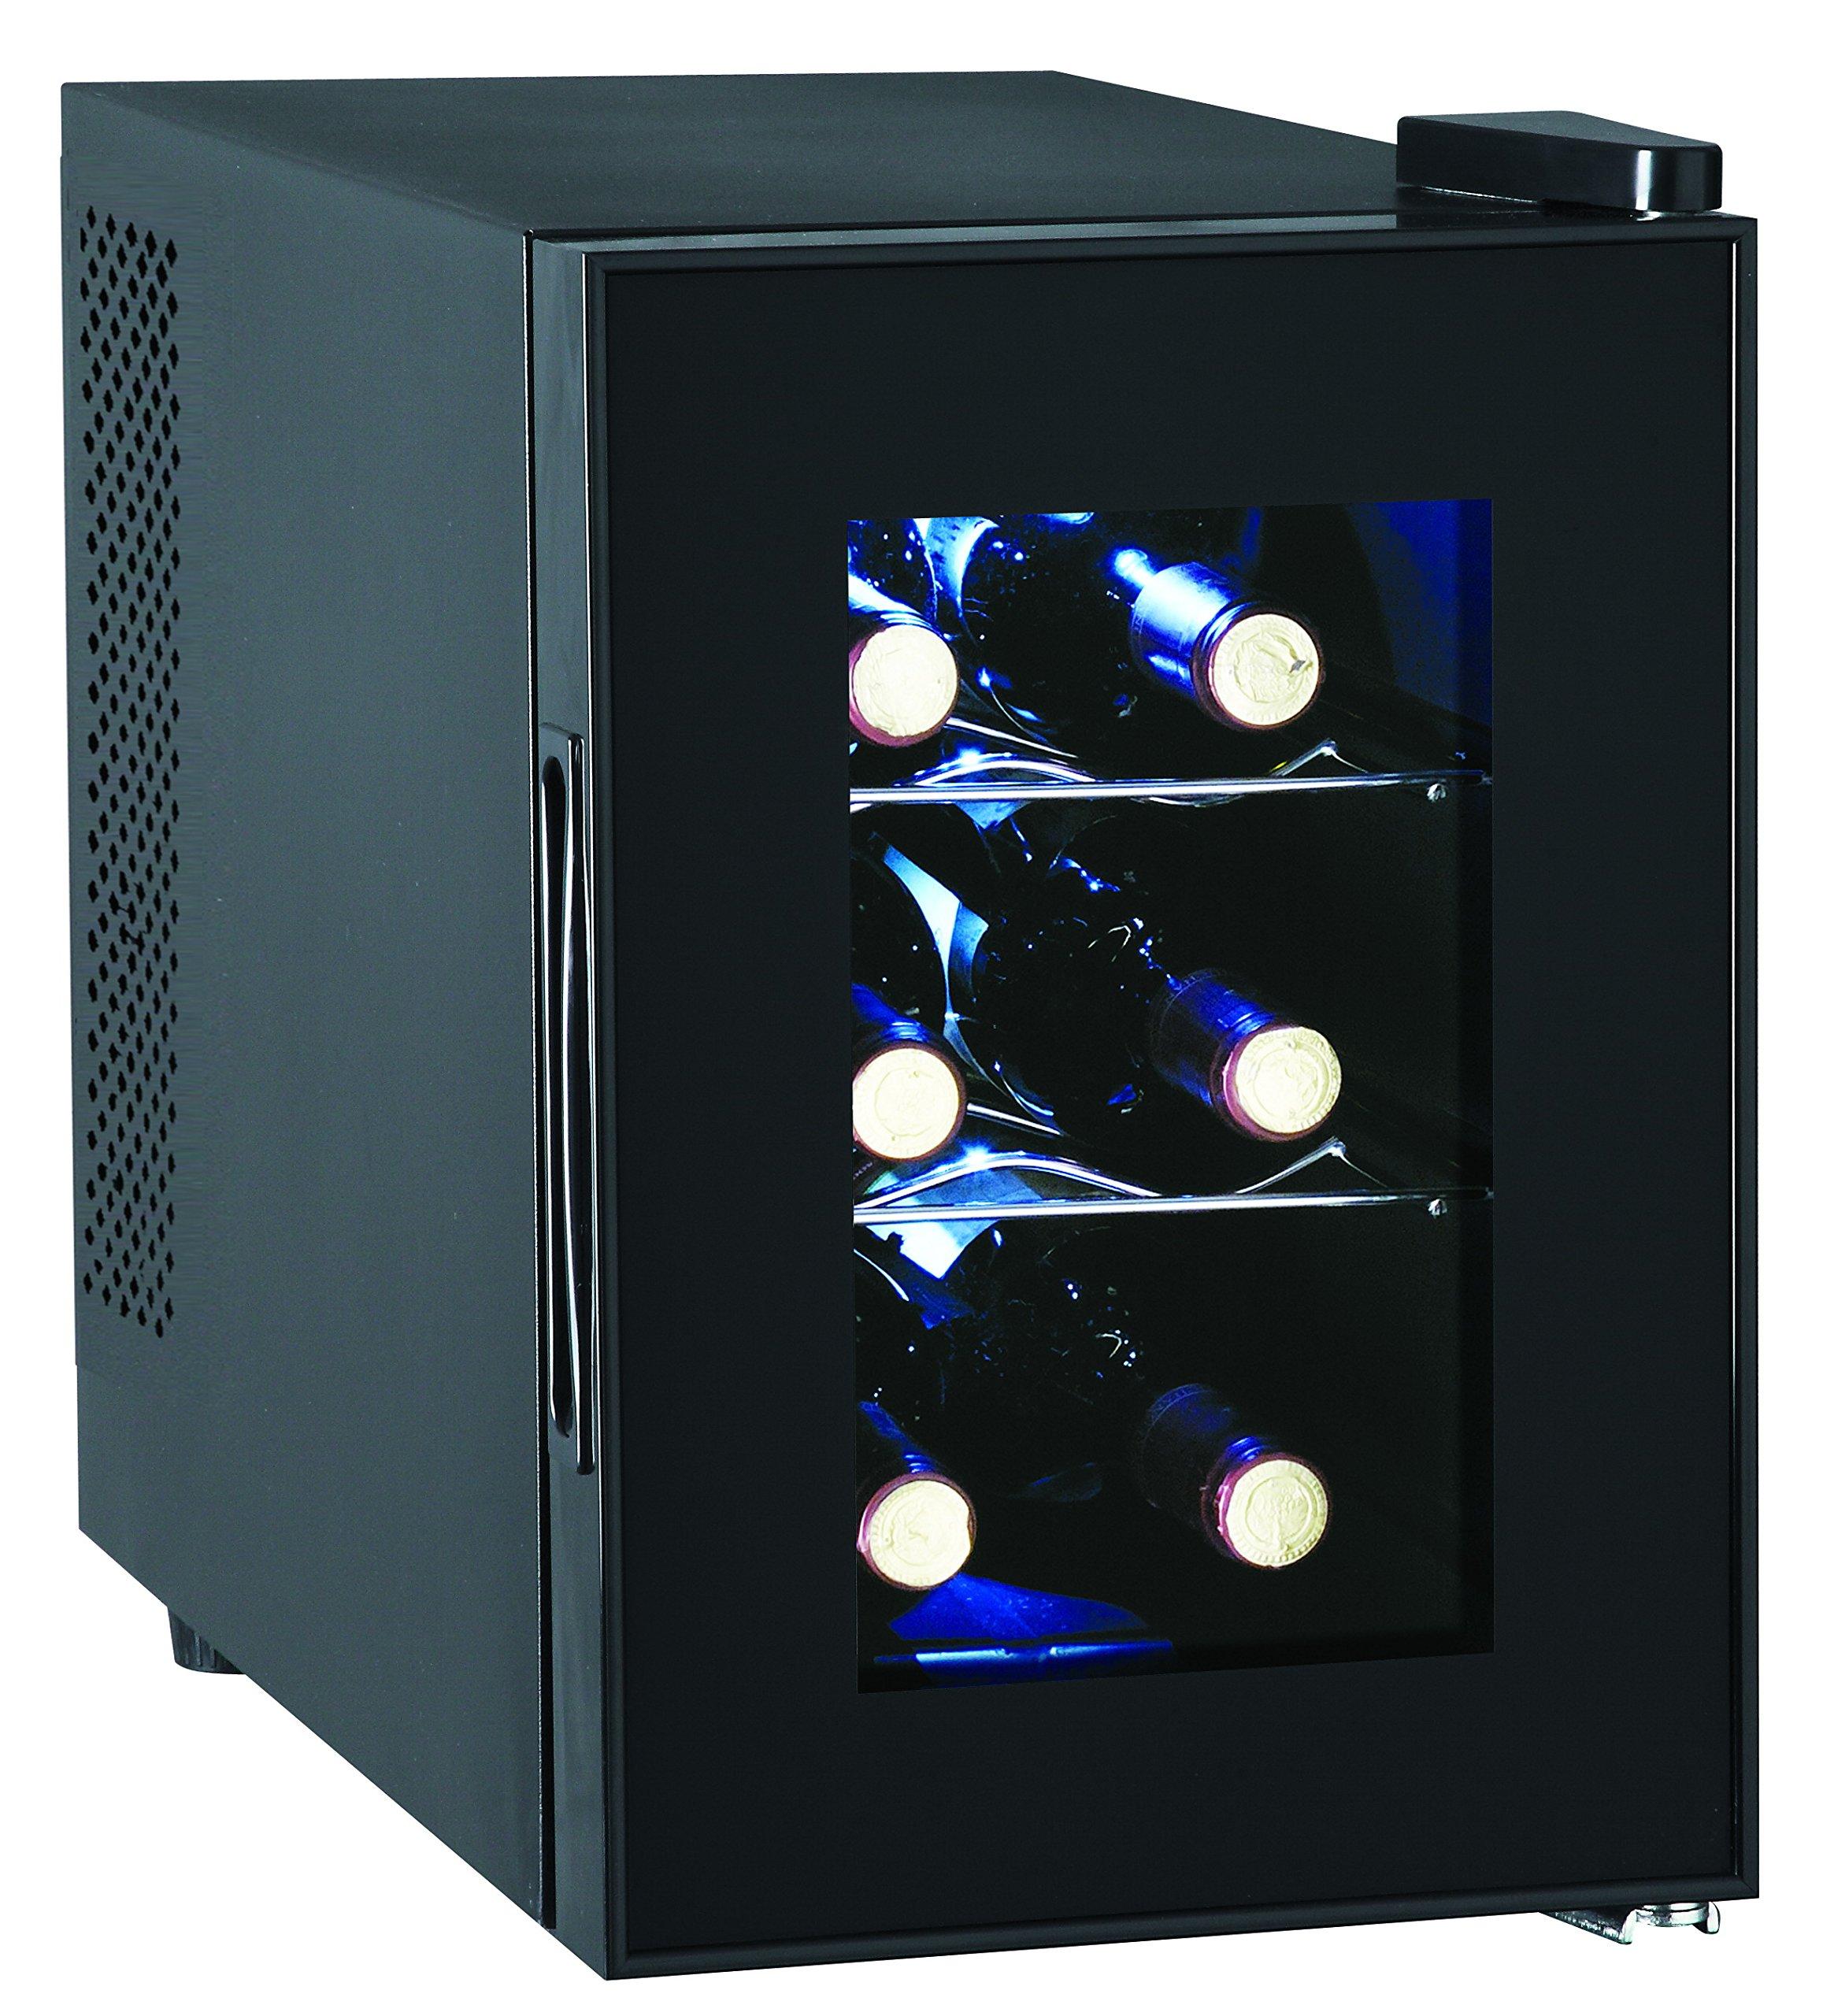 6-Bottle Wine Cooler, Glass Door by RCA